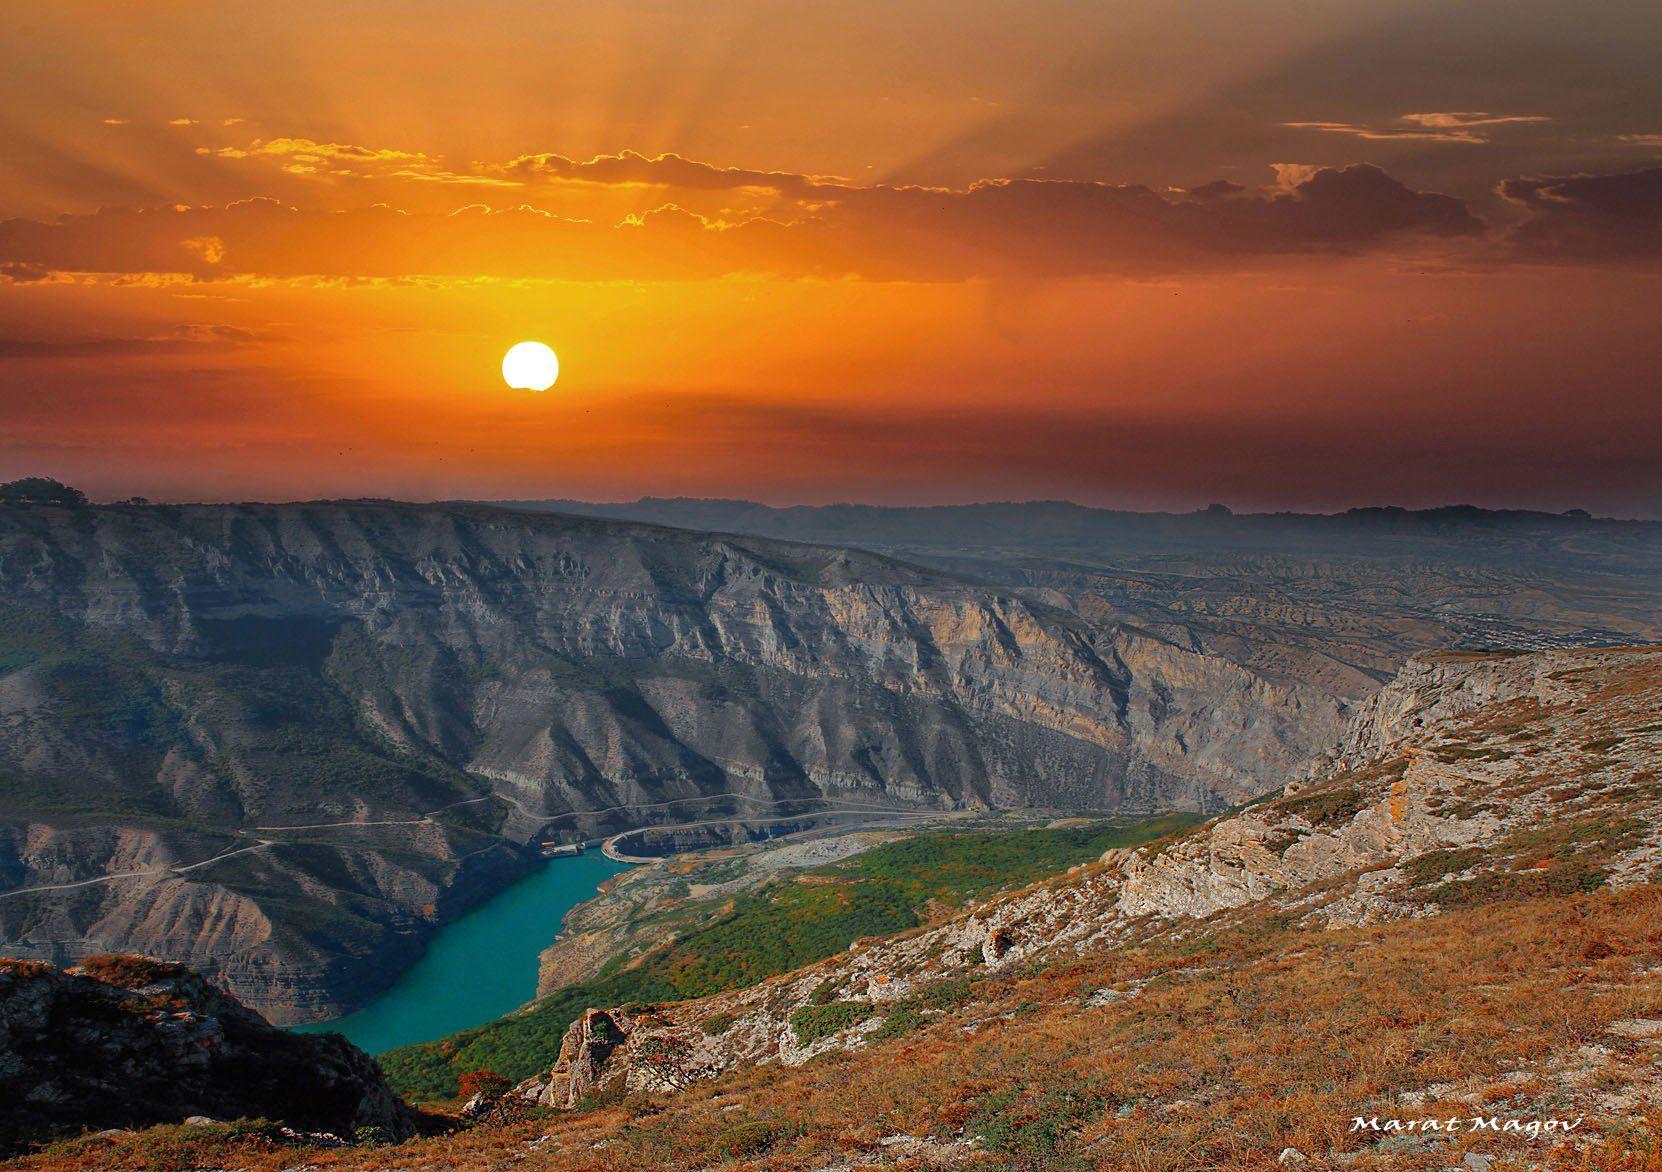 сулакский каньон,горы,река,осень,дагестан., Magov Marat